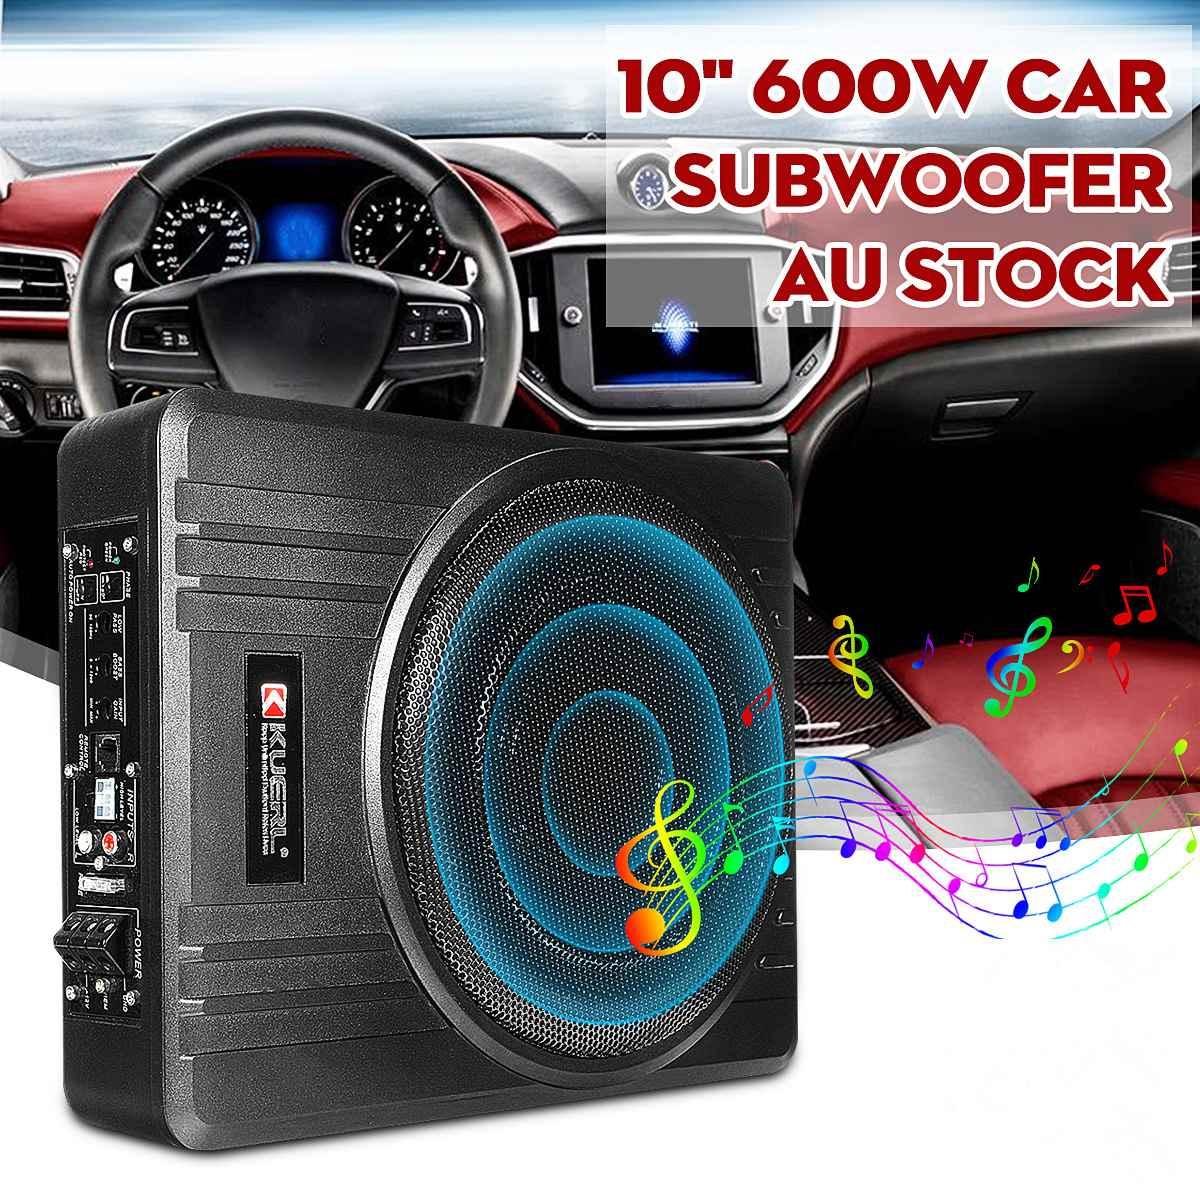 10 дюймов 600 Вт автомобильный сабвуфер, автомобильный аудио тонкий под сидением, активный сабвуфер, усилитель басов, динамик, автомобильный у...